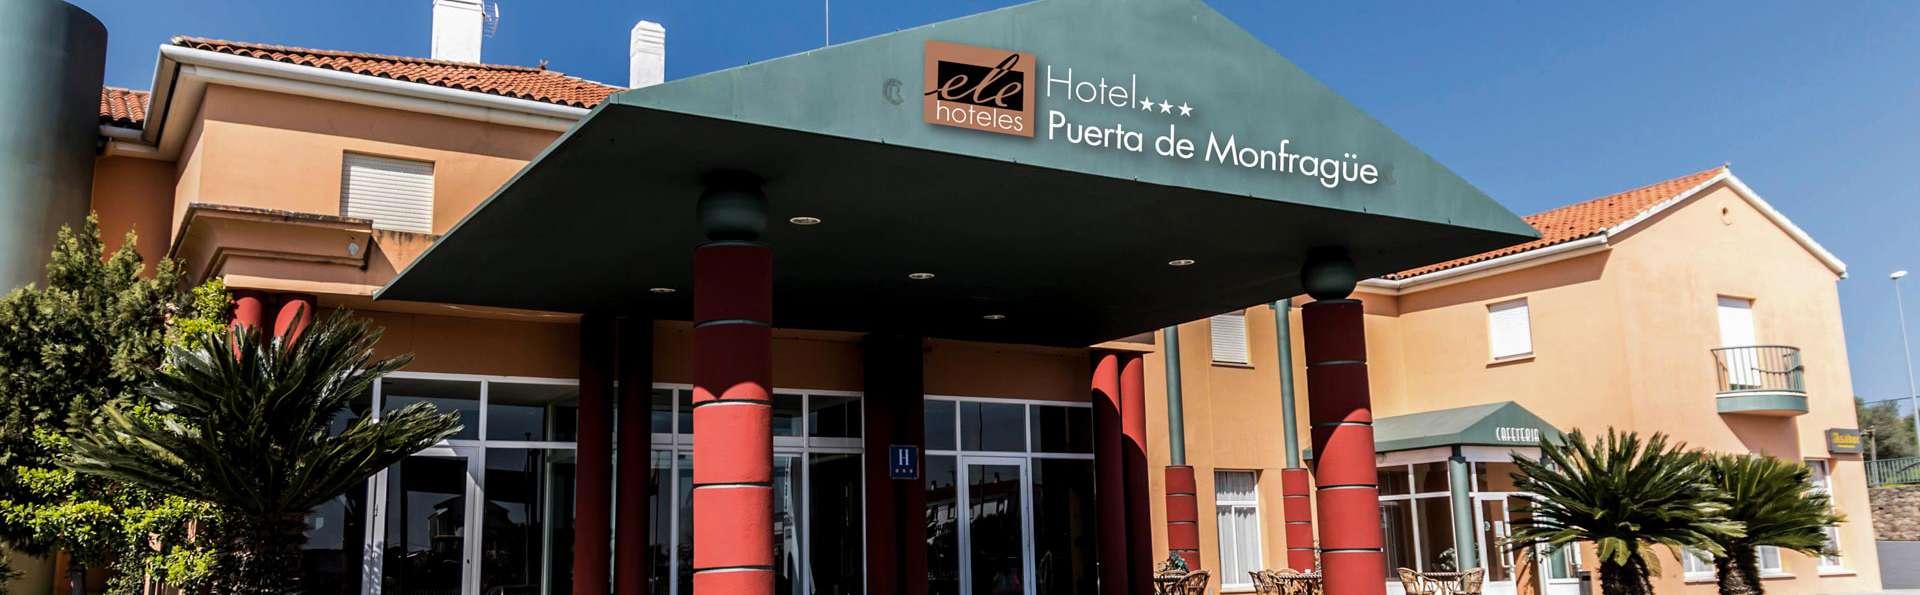 Ele Puerta de Monfragüe - EDIT_FRONT_02.jpg